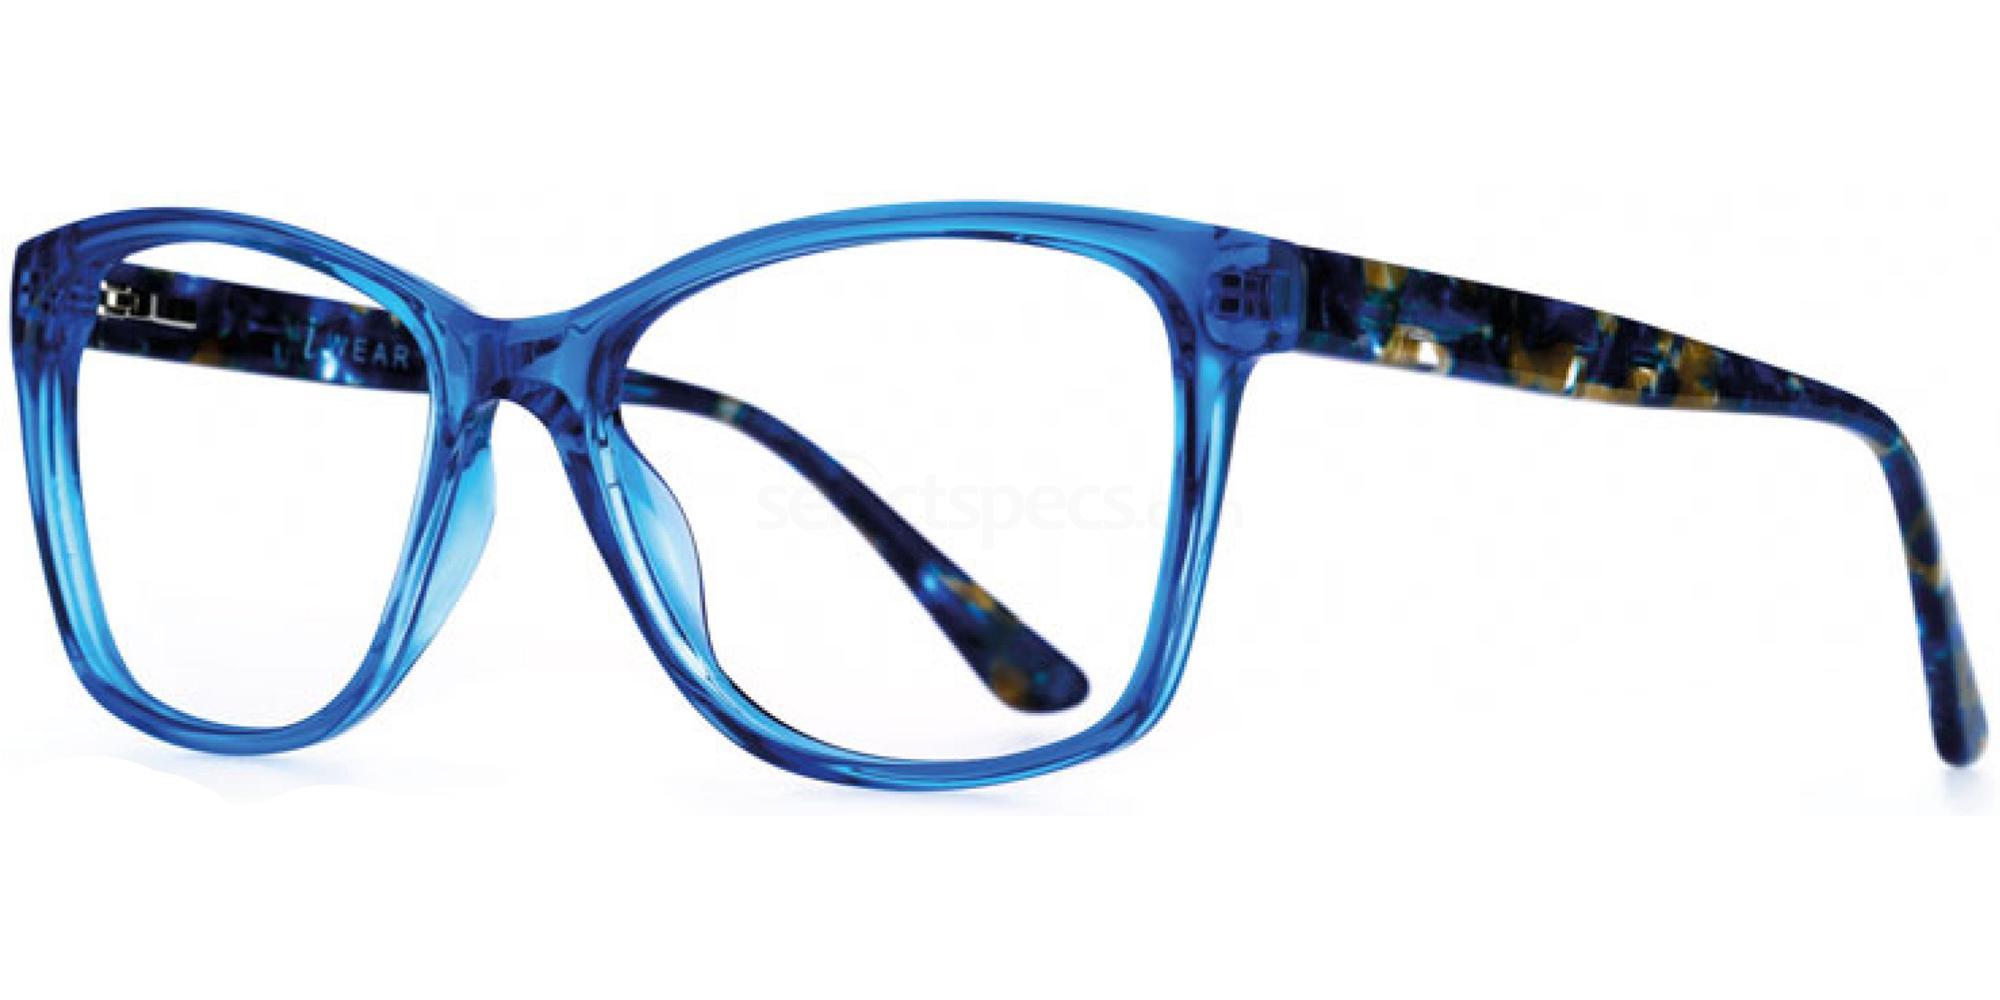 C1 i Wear 5080 Glasses, i Wear